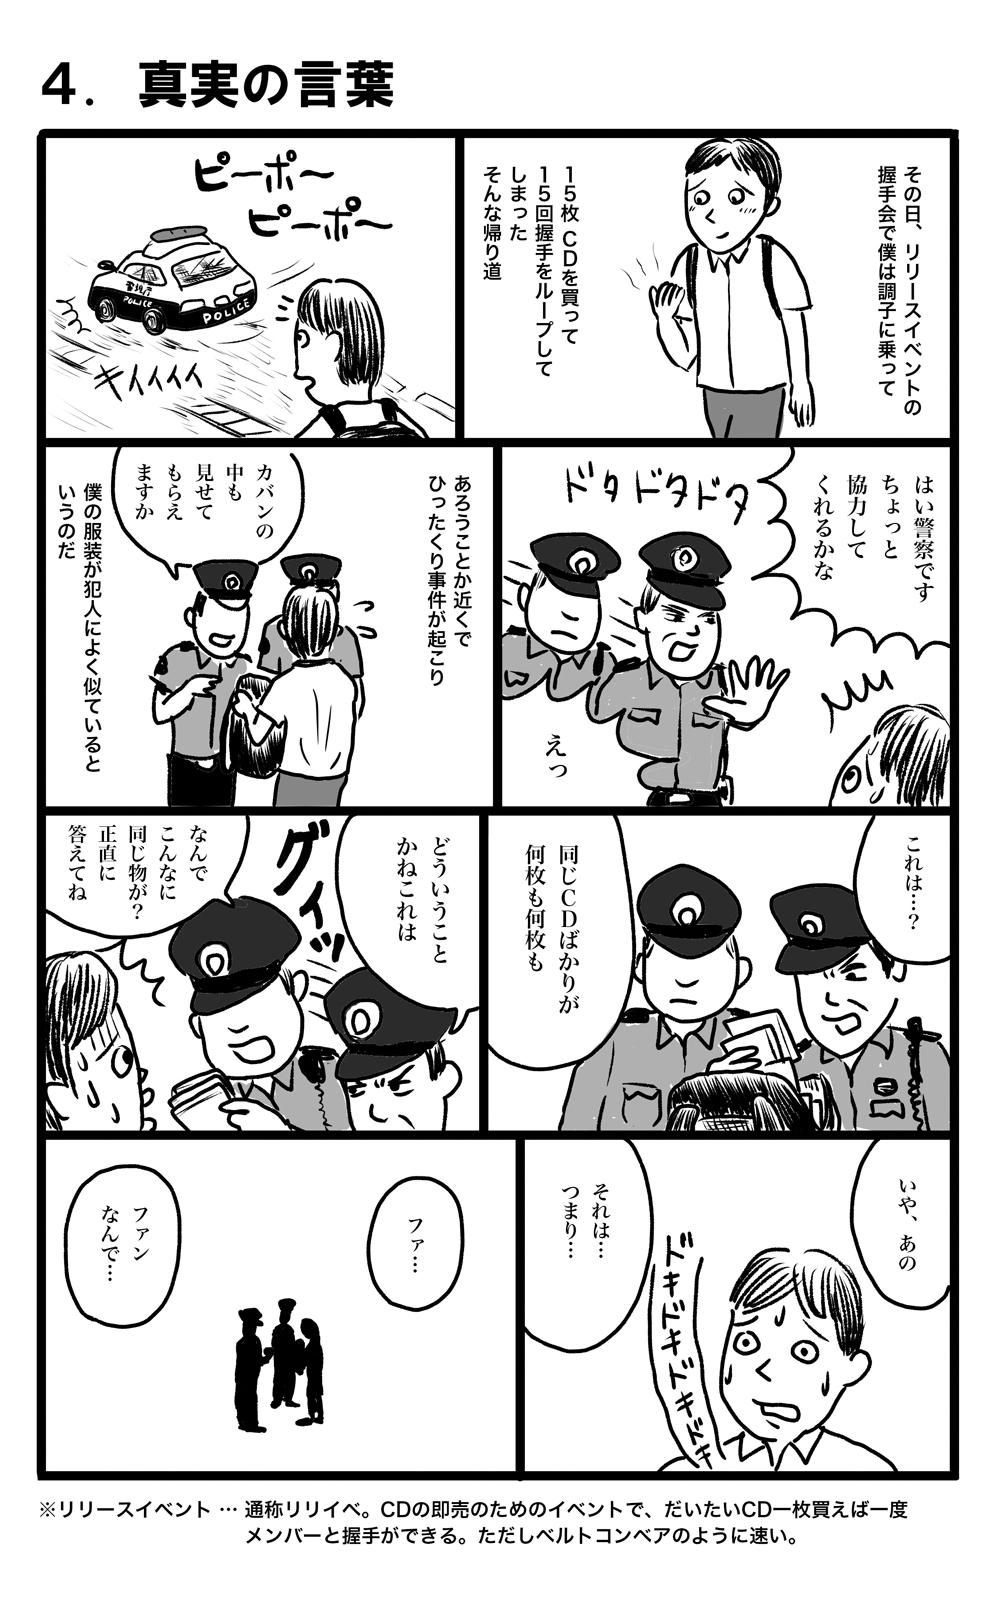 tsurugi-mikito-004